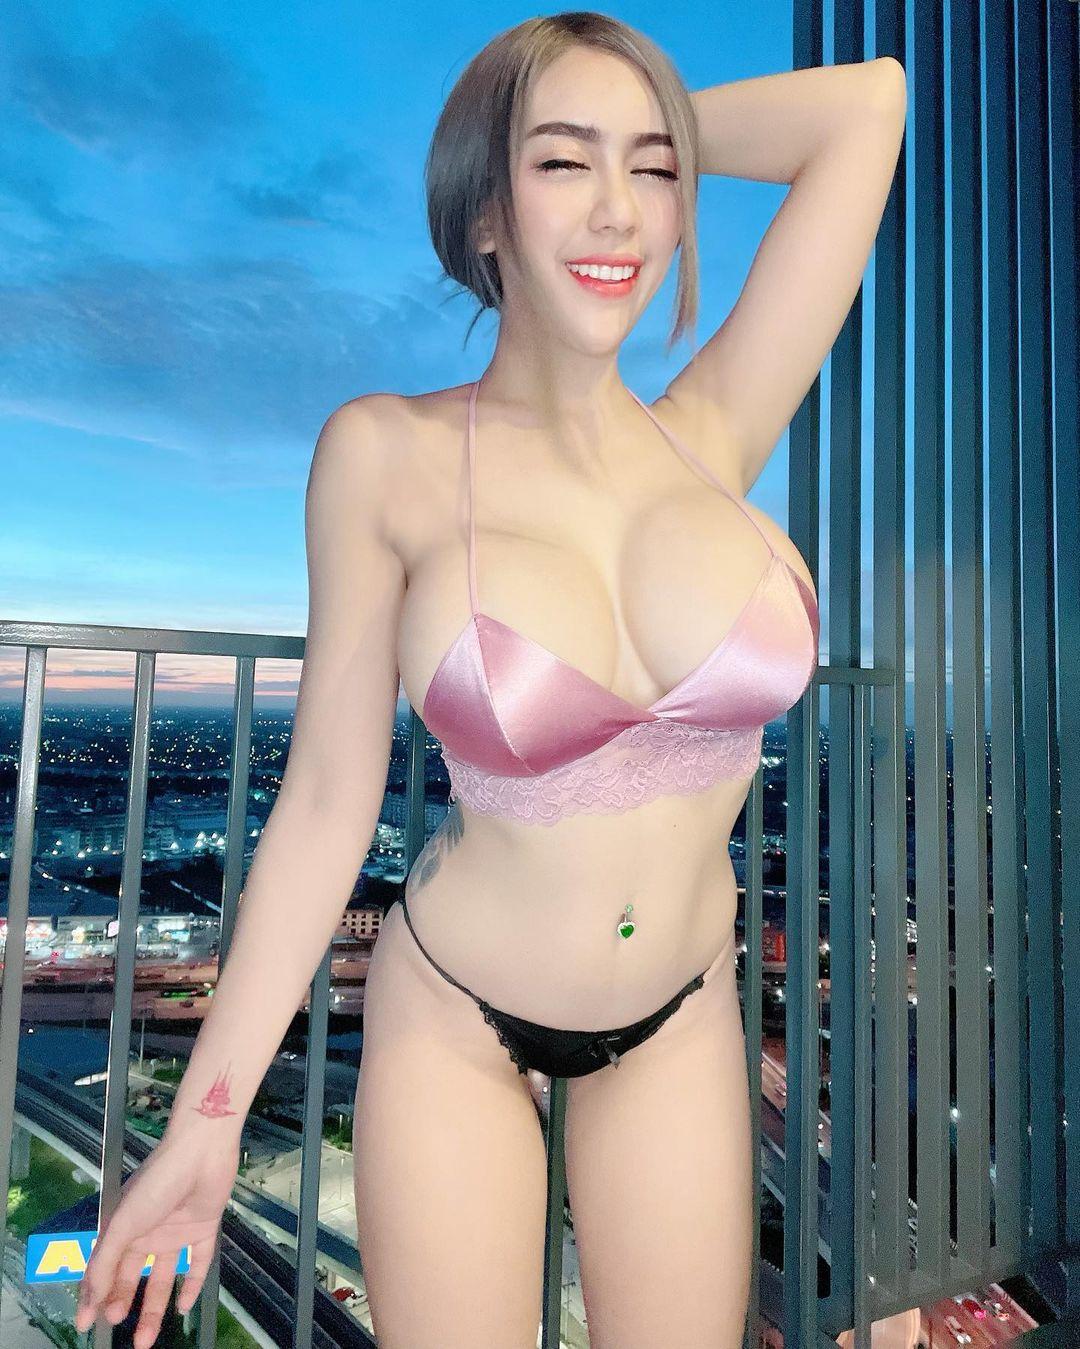 สาวสวย สาวน่ารัก lookmeesohot  xxx